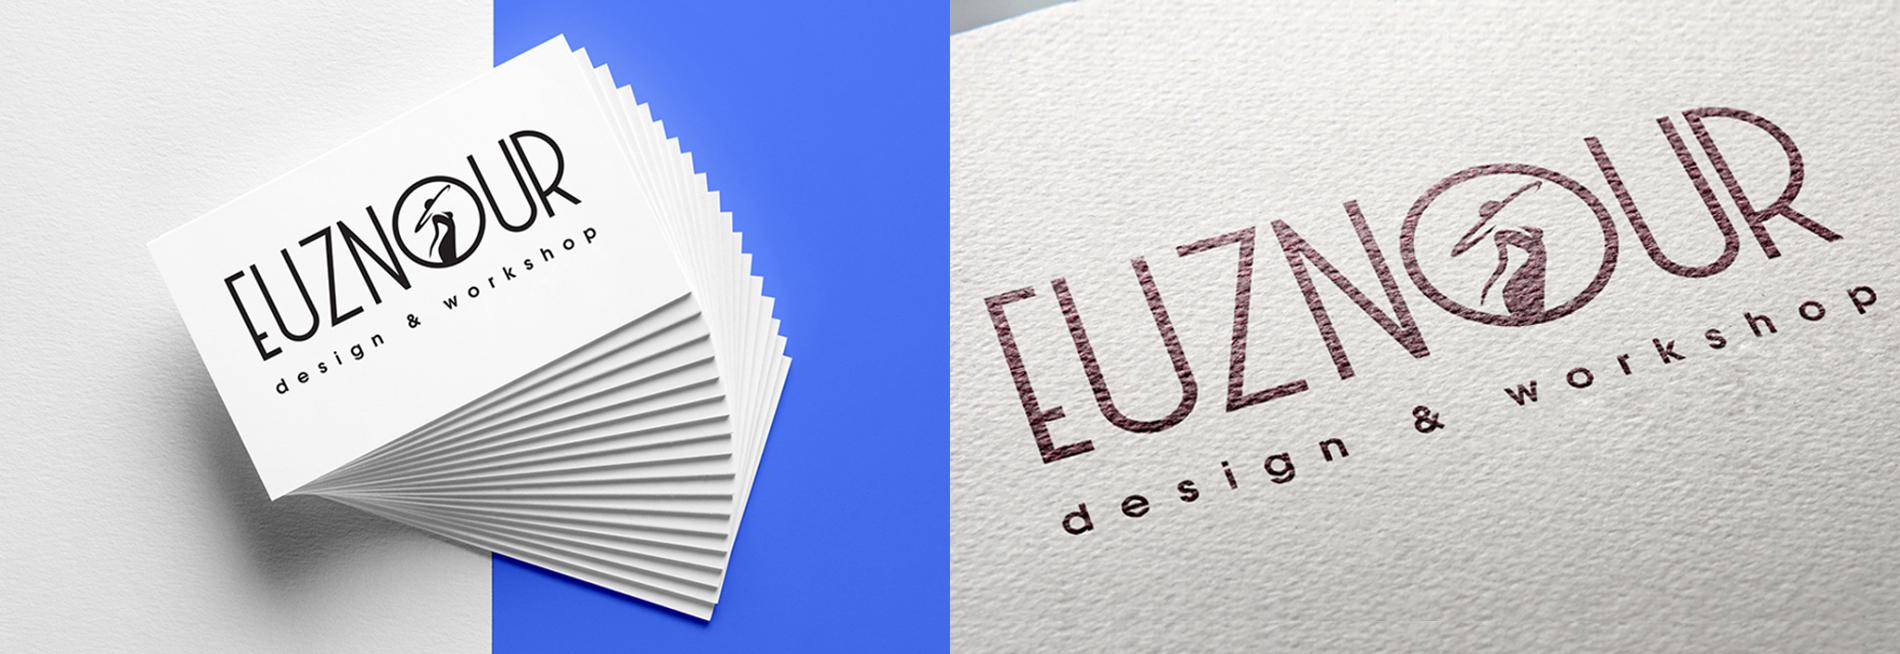 euznour design